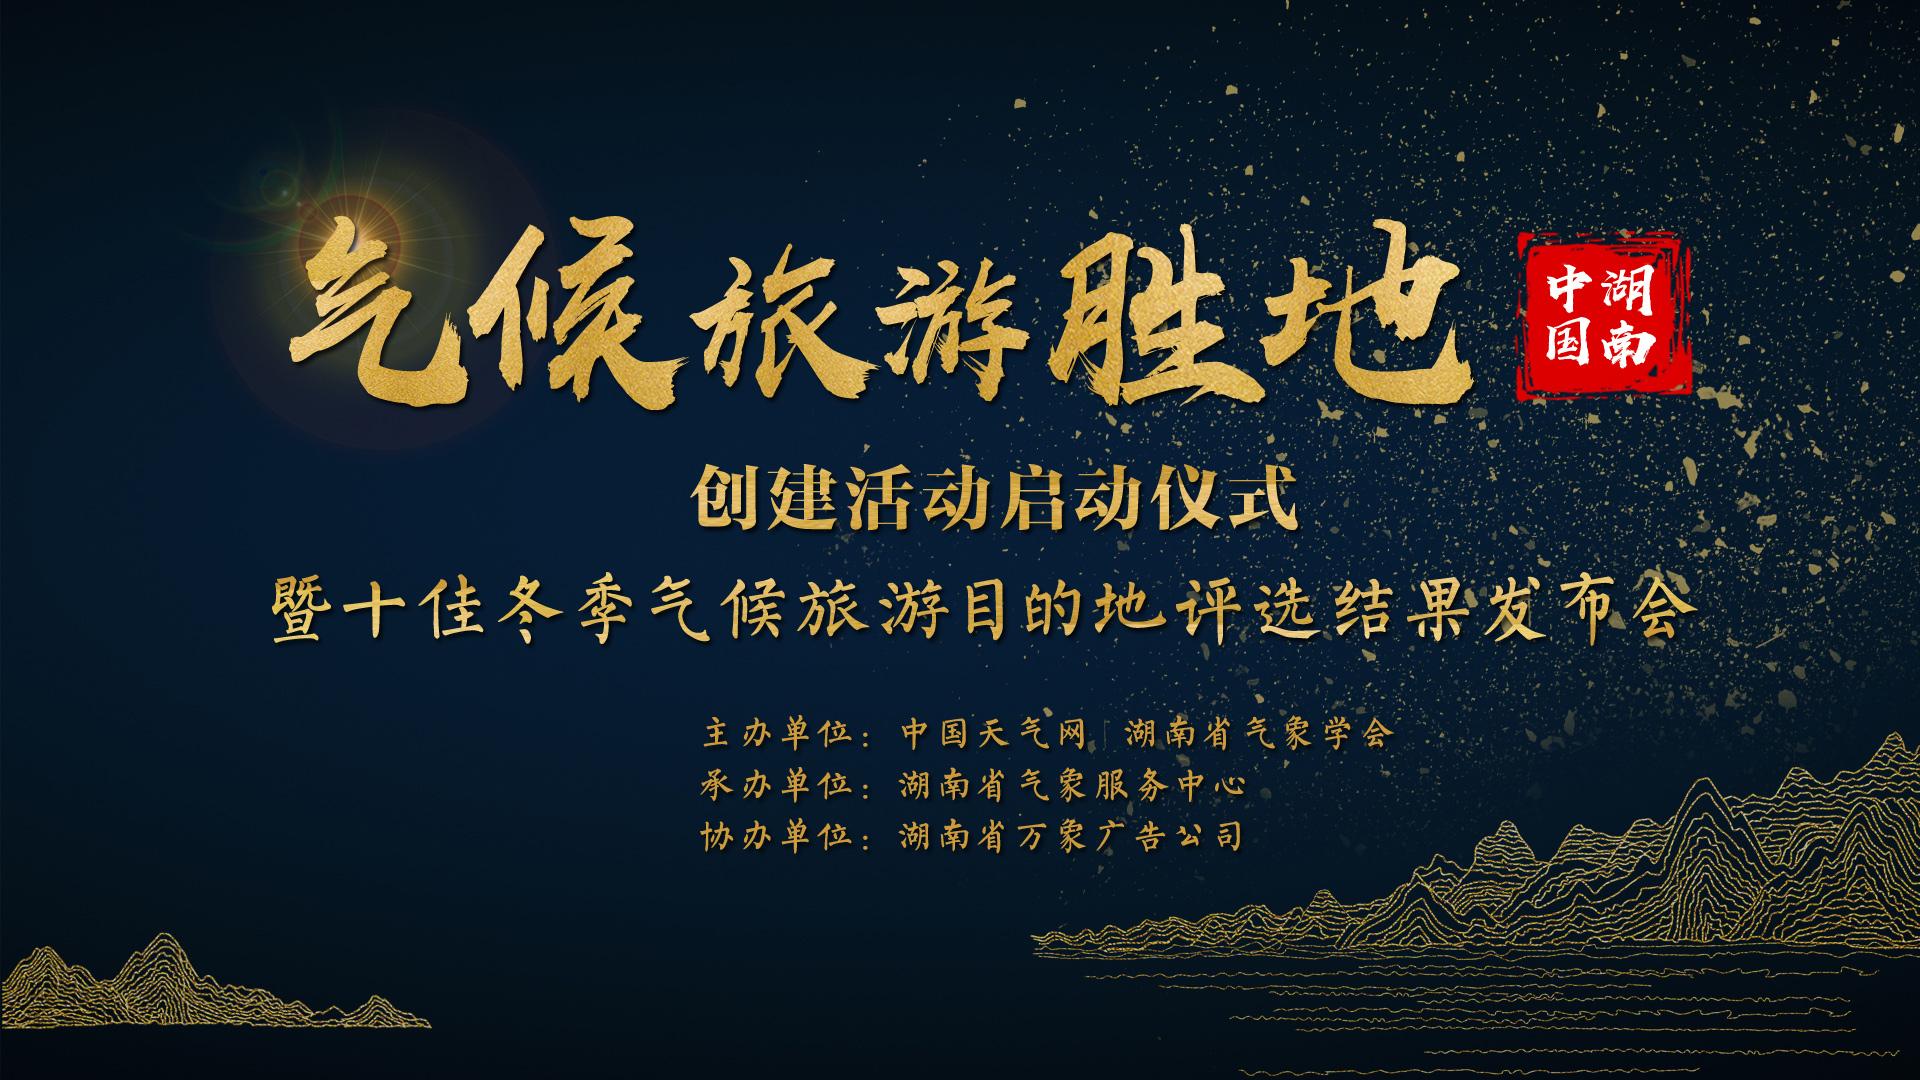 【直播】中国湖南气候旅游胜地创建活动发布会